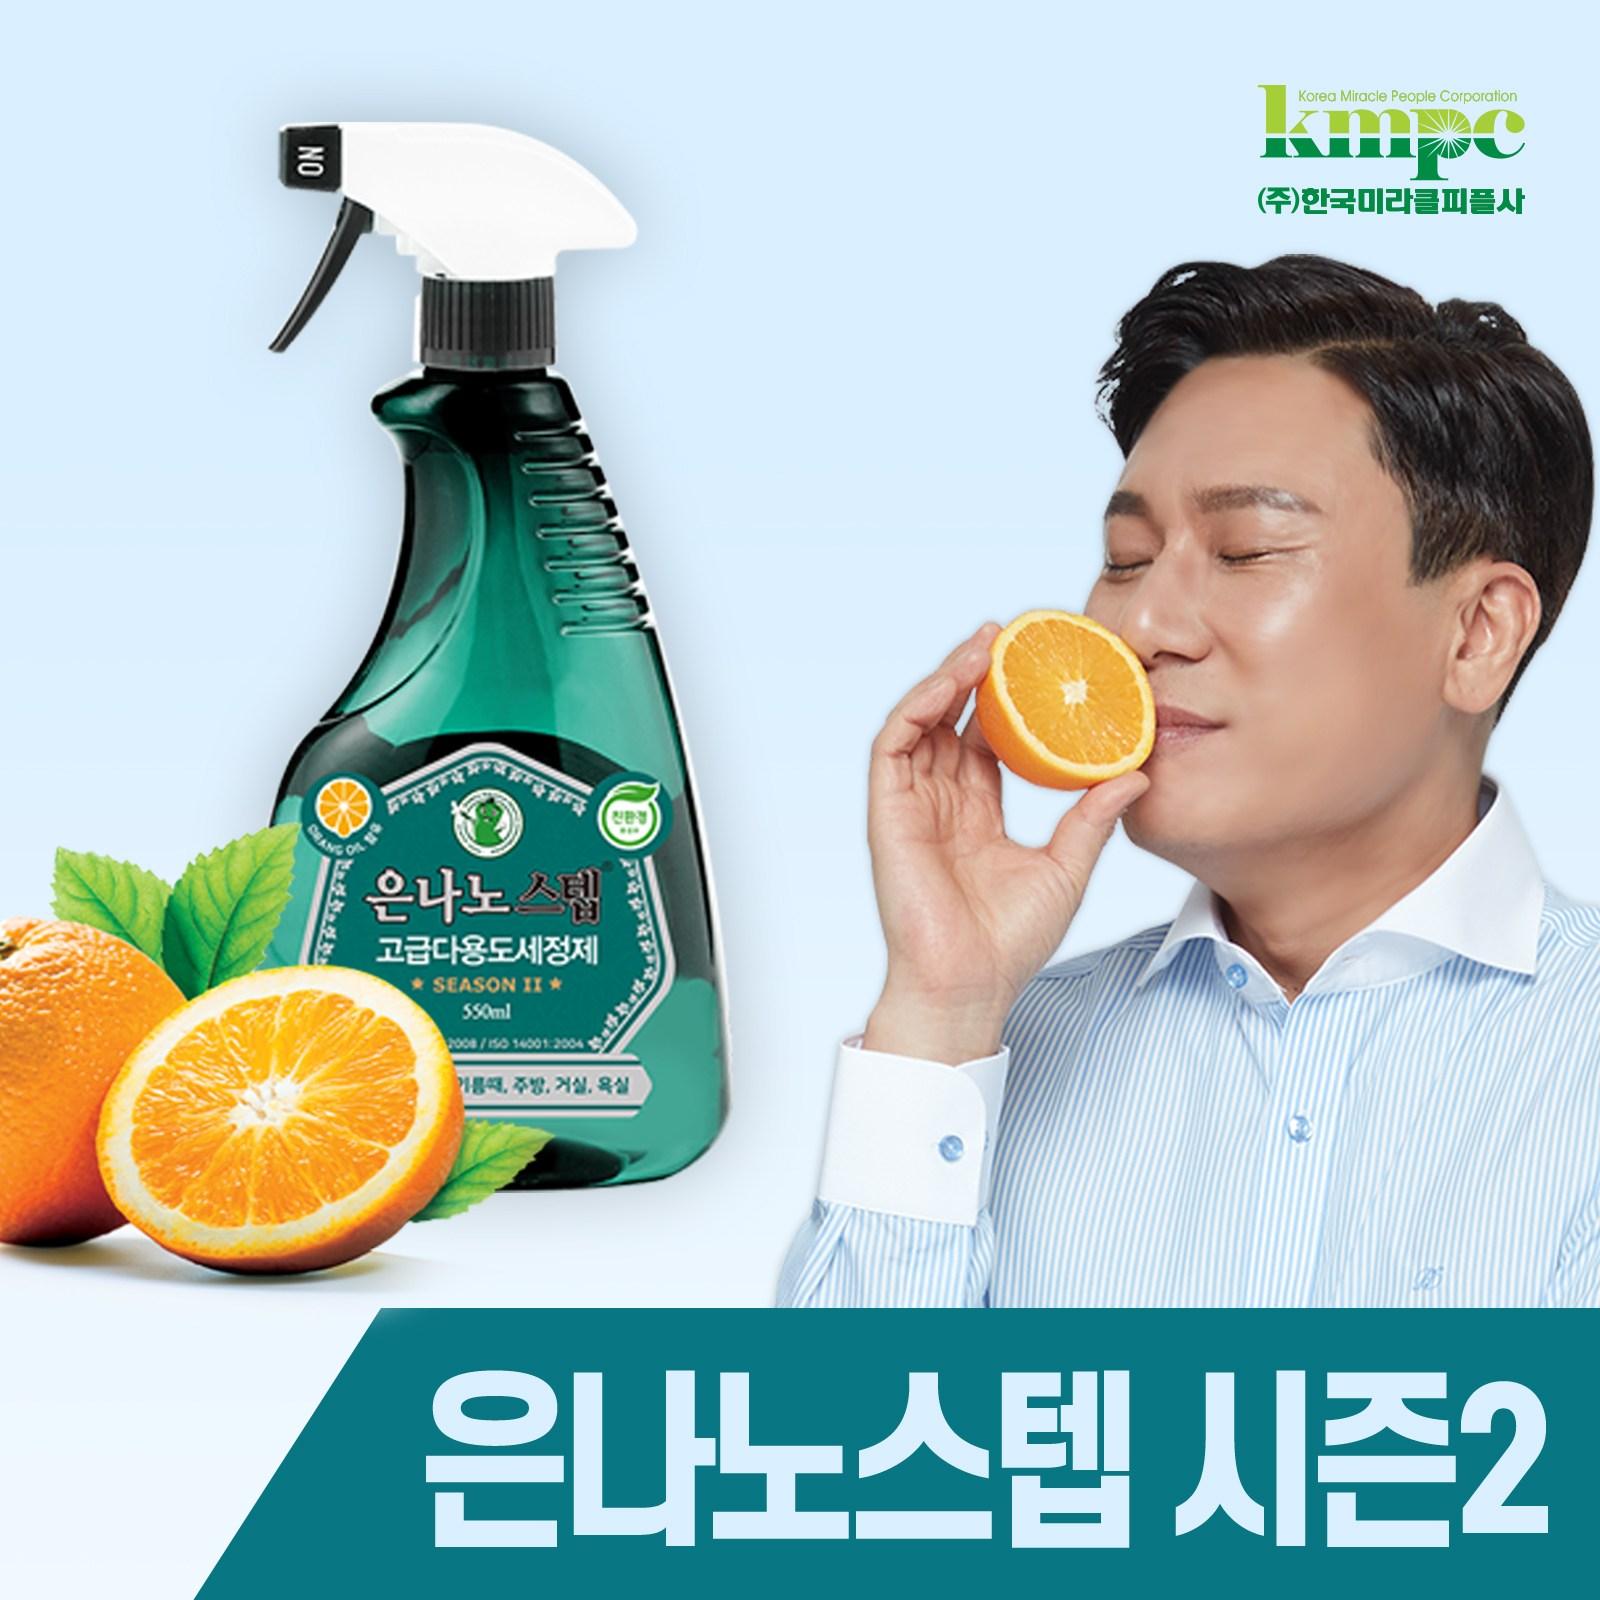 은나노스텝 시즌2 다용도 세정제 550ml (본품), 1개